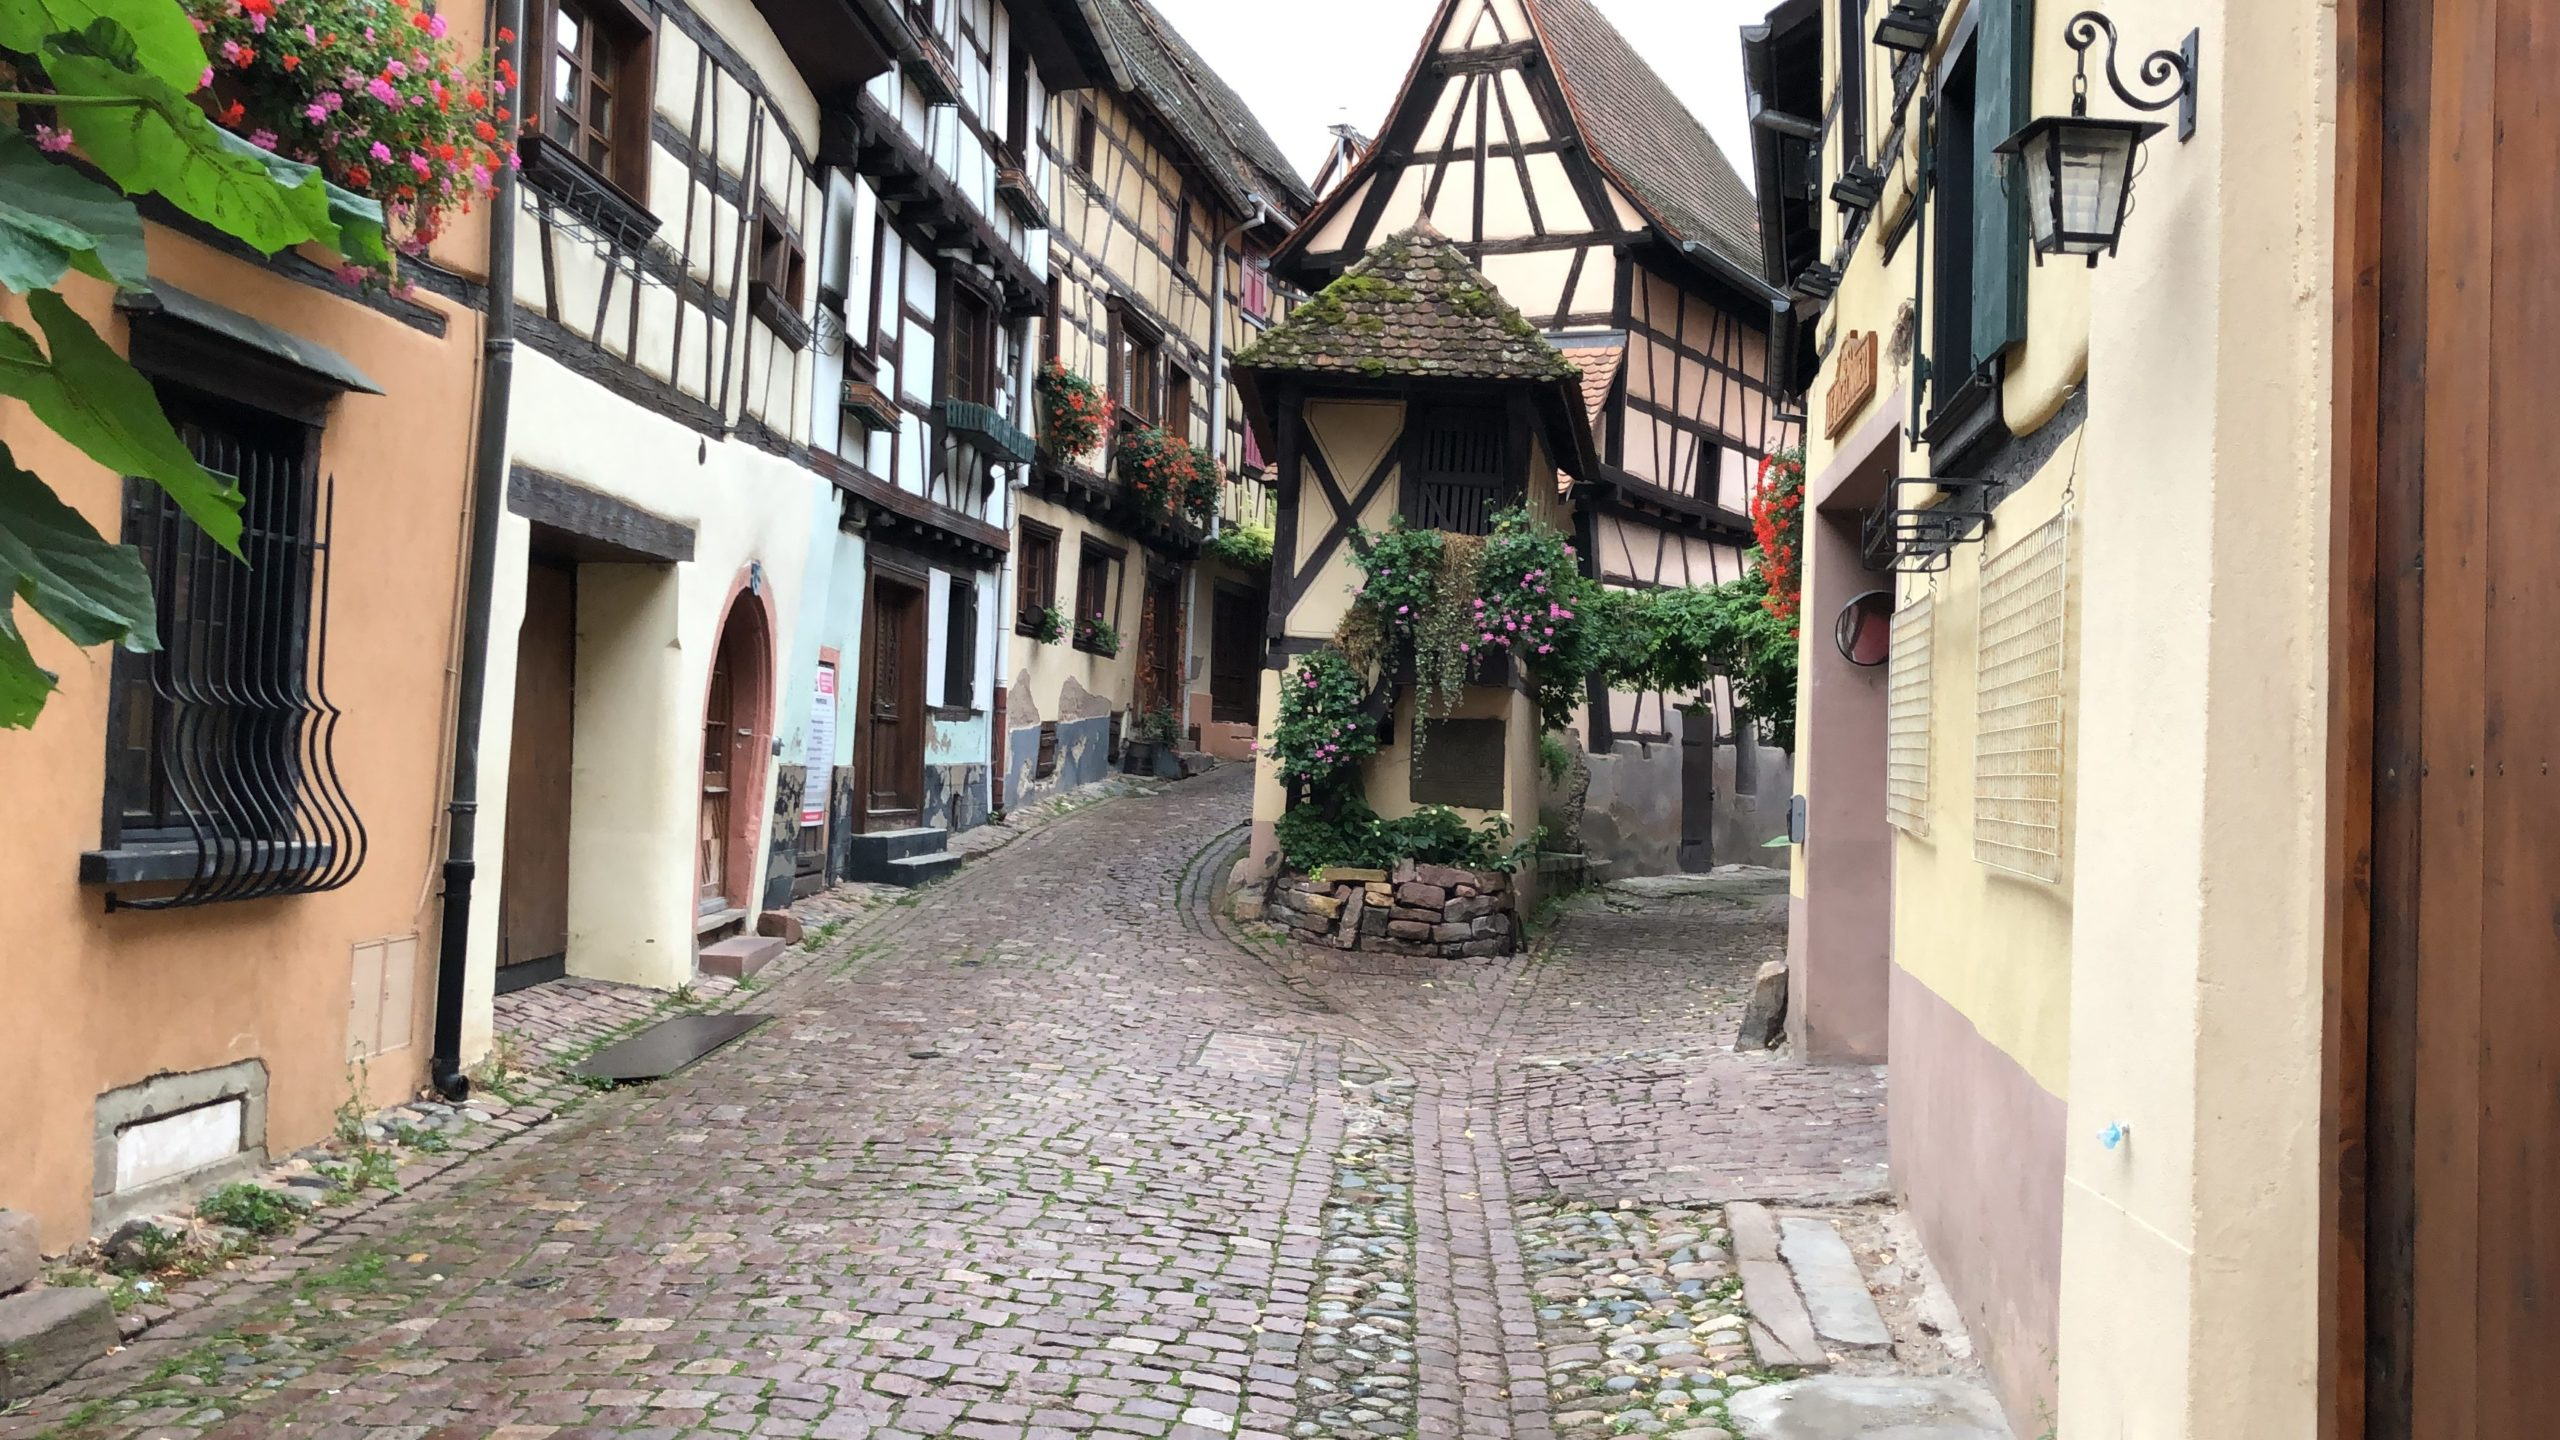 Gabelung in Eguisheim